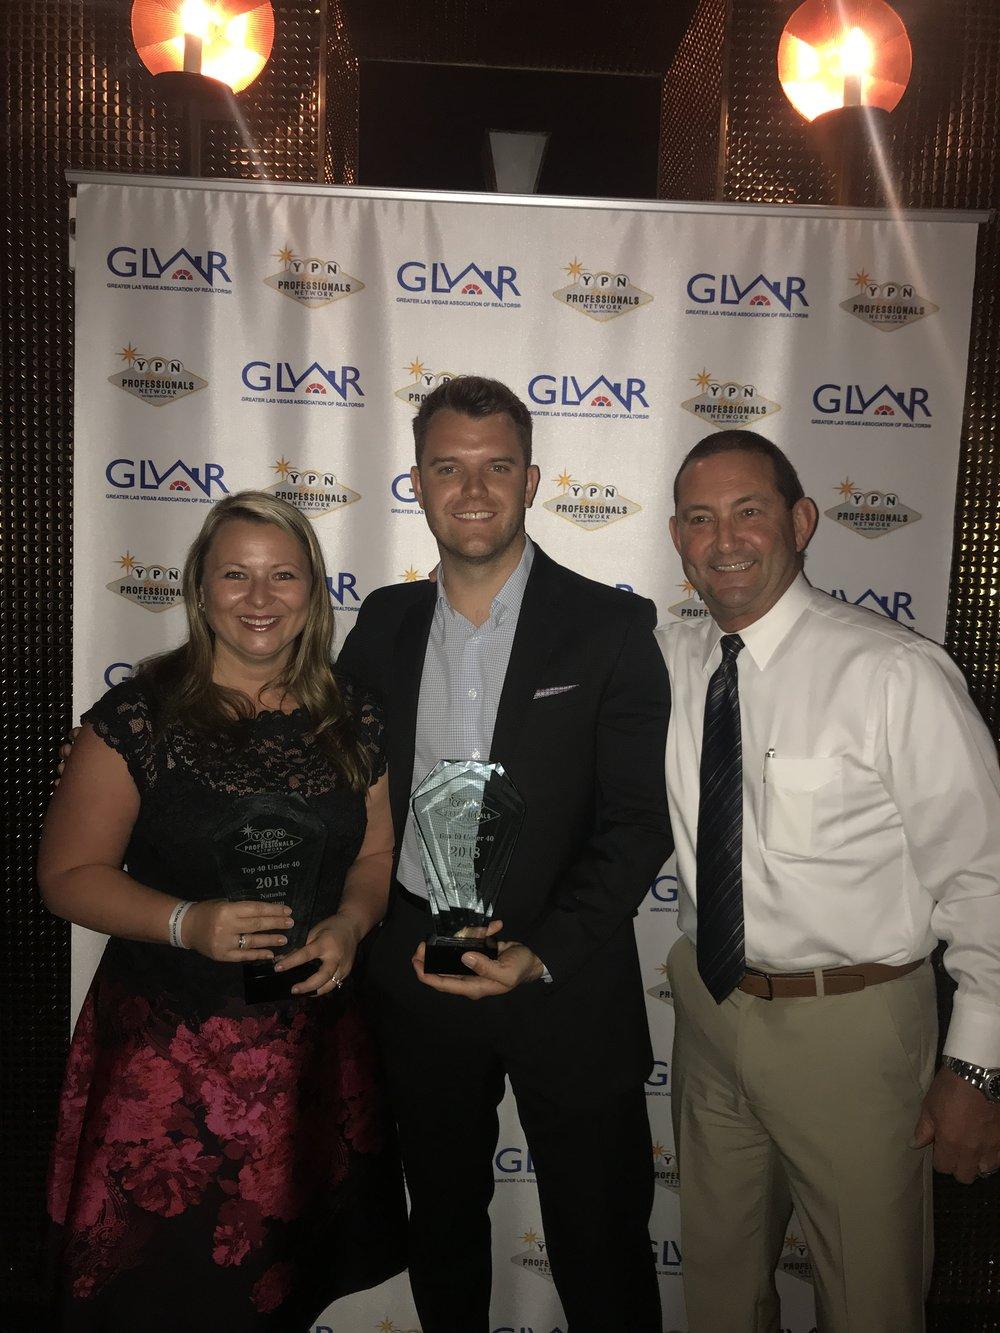 Zach WalkerLieb GLVAR's Young Professionals Network 40 Under 40 Winner